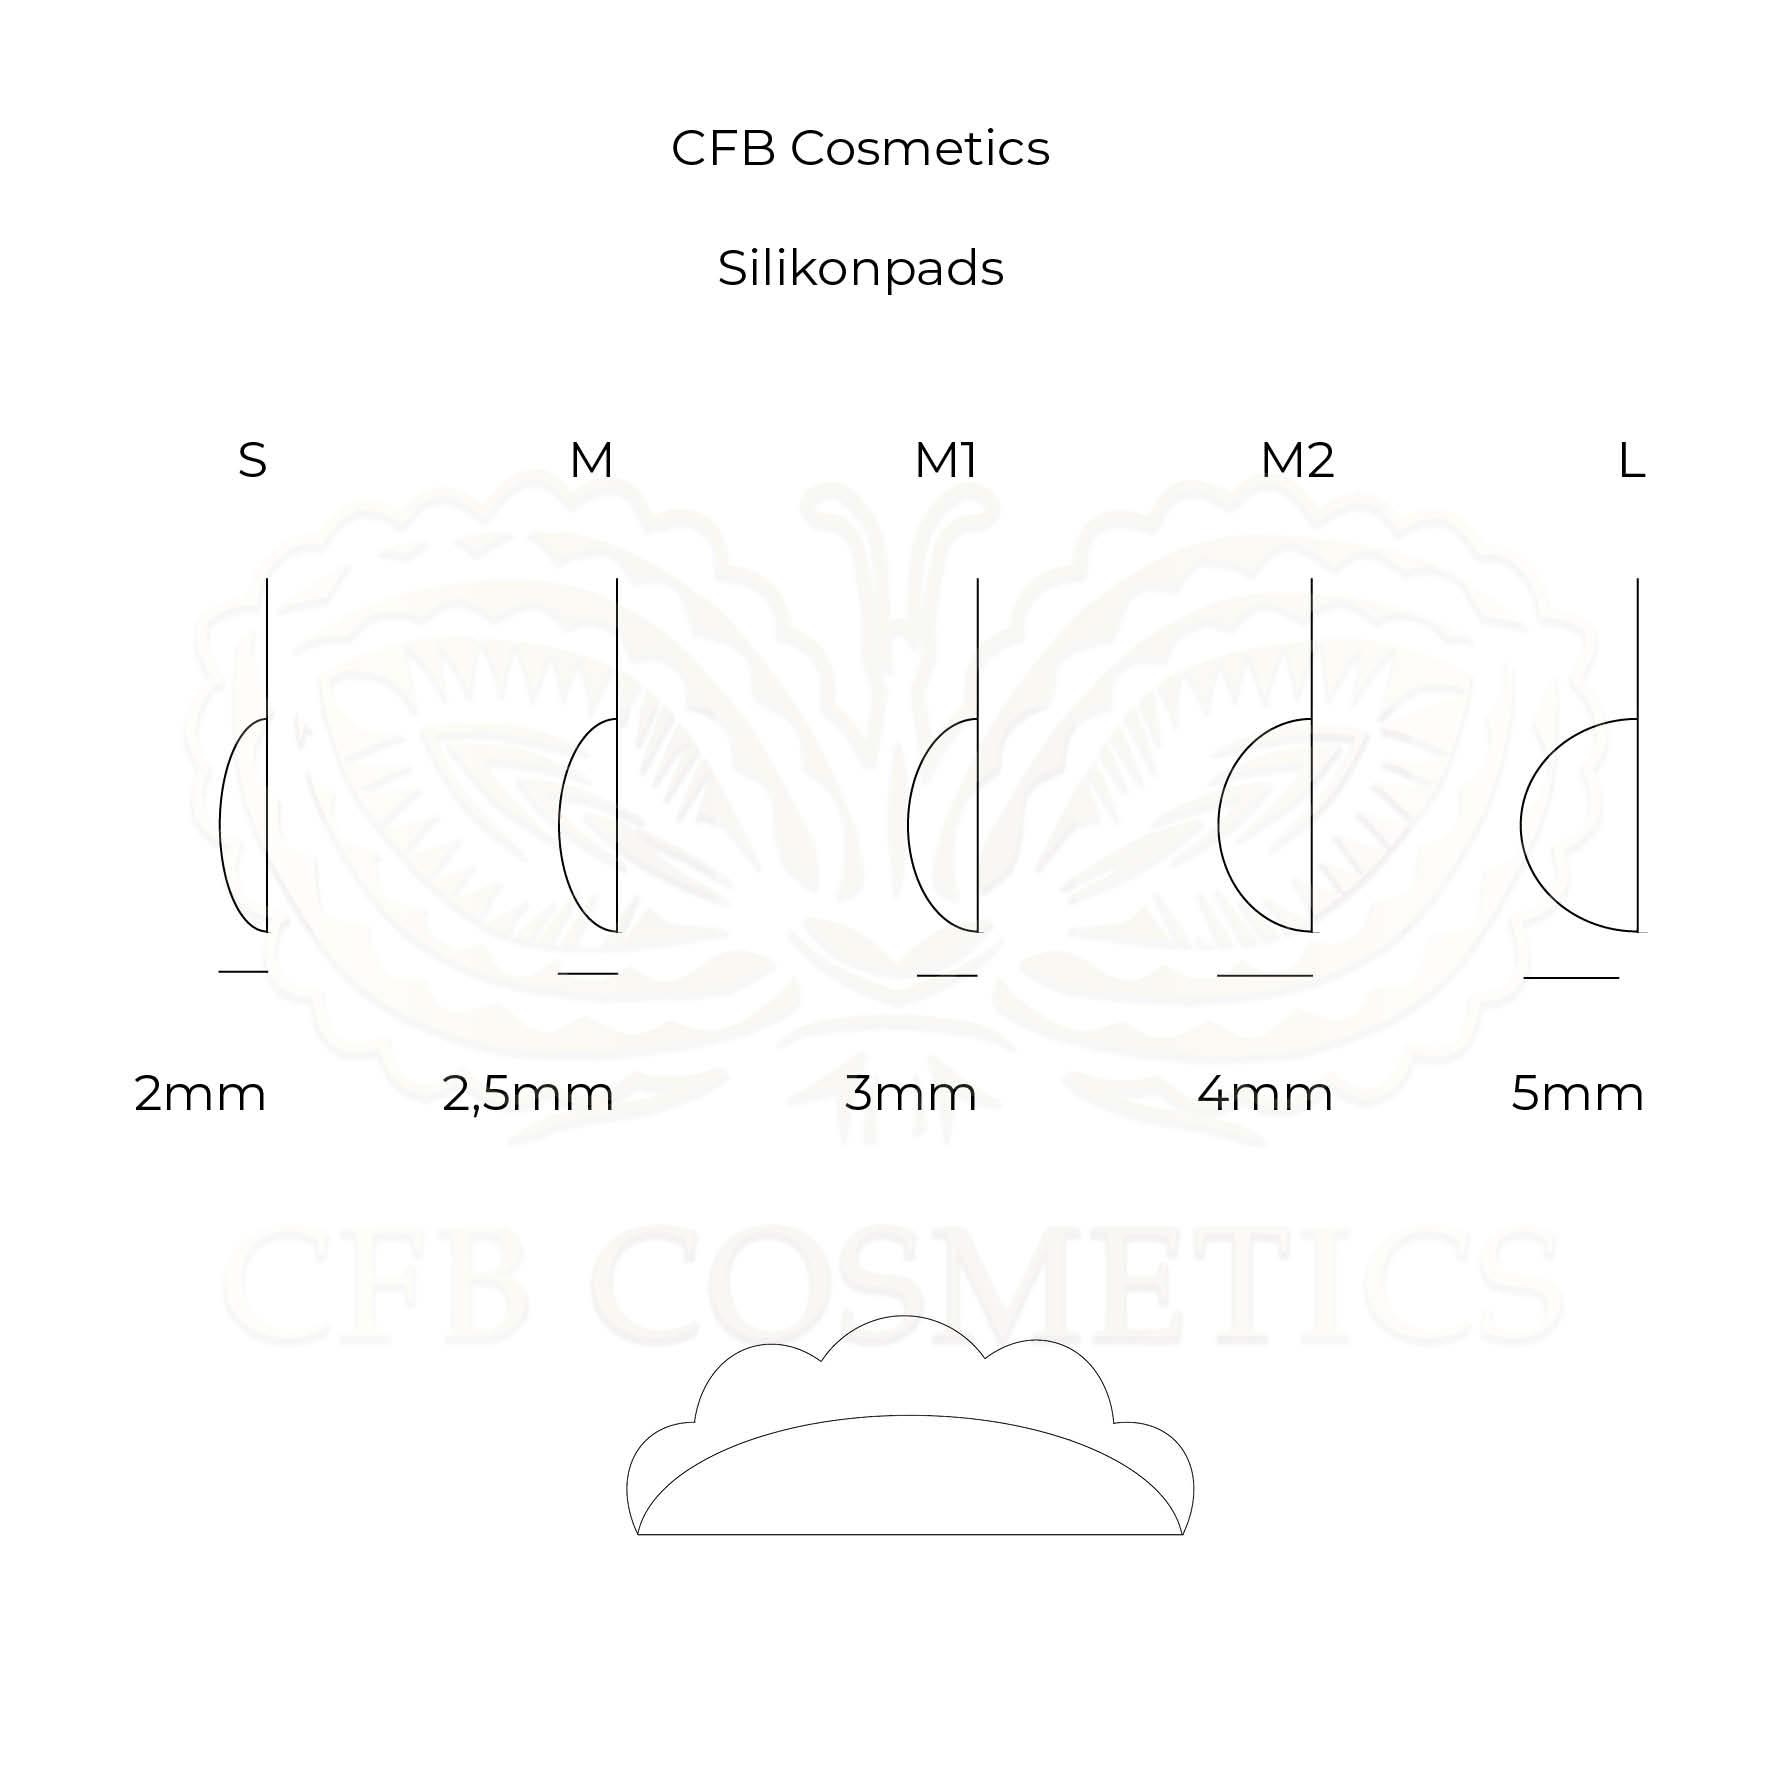 Silikonpads für das Lash Lifting / Laminierung im Vergleich